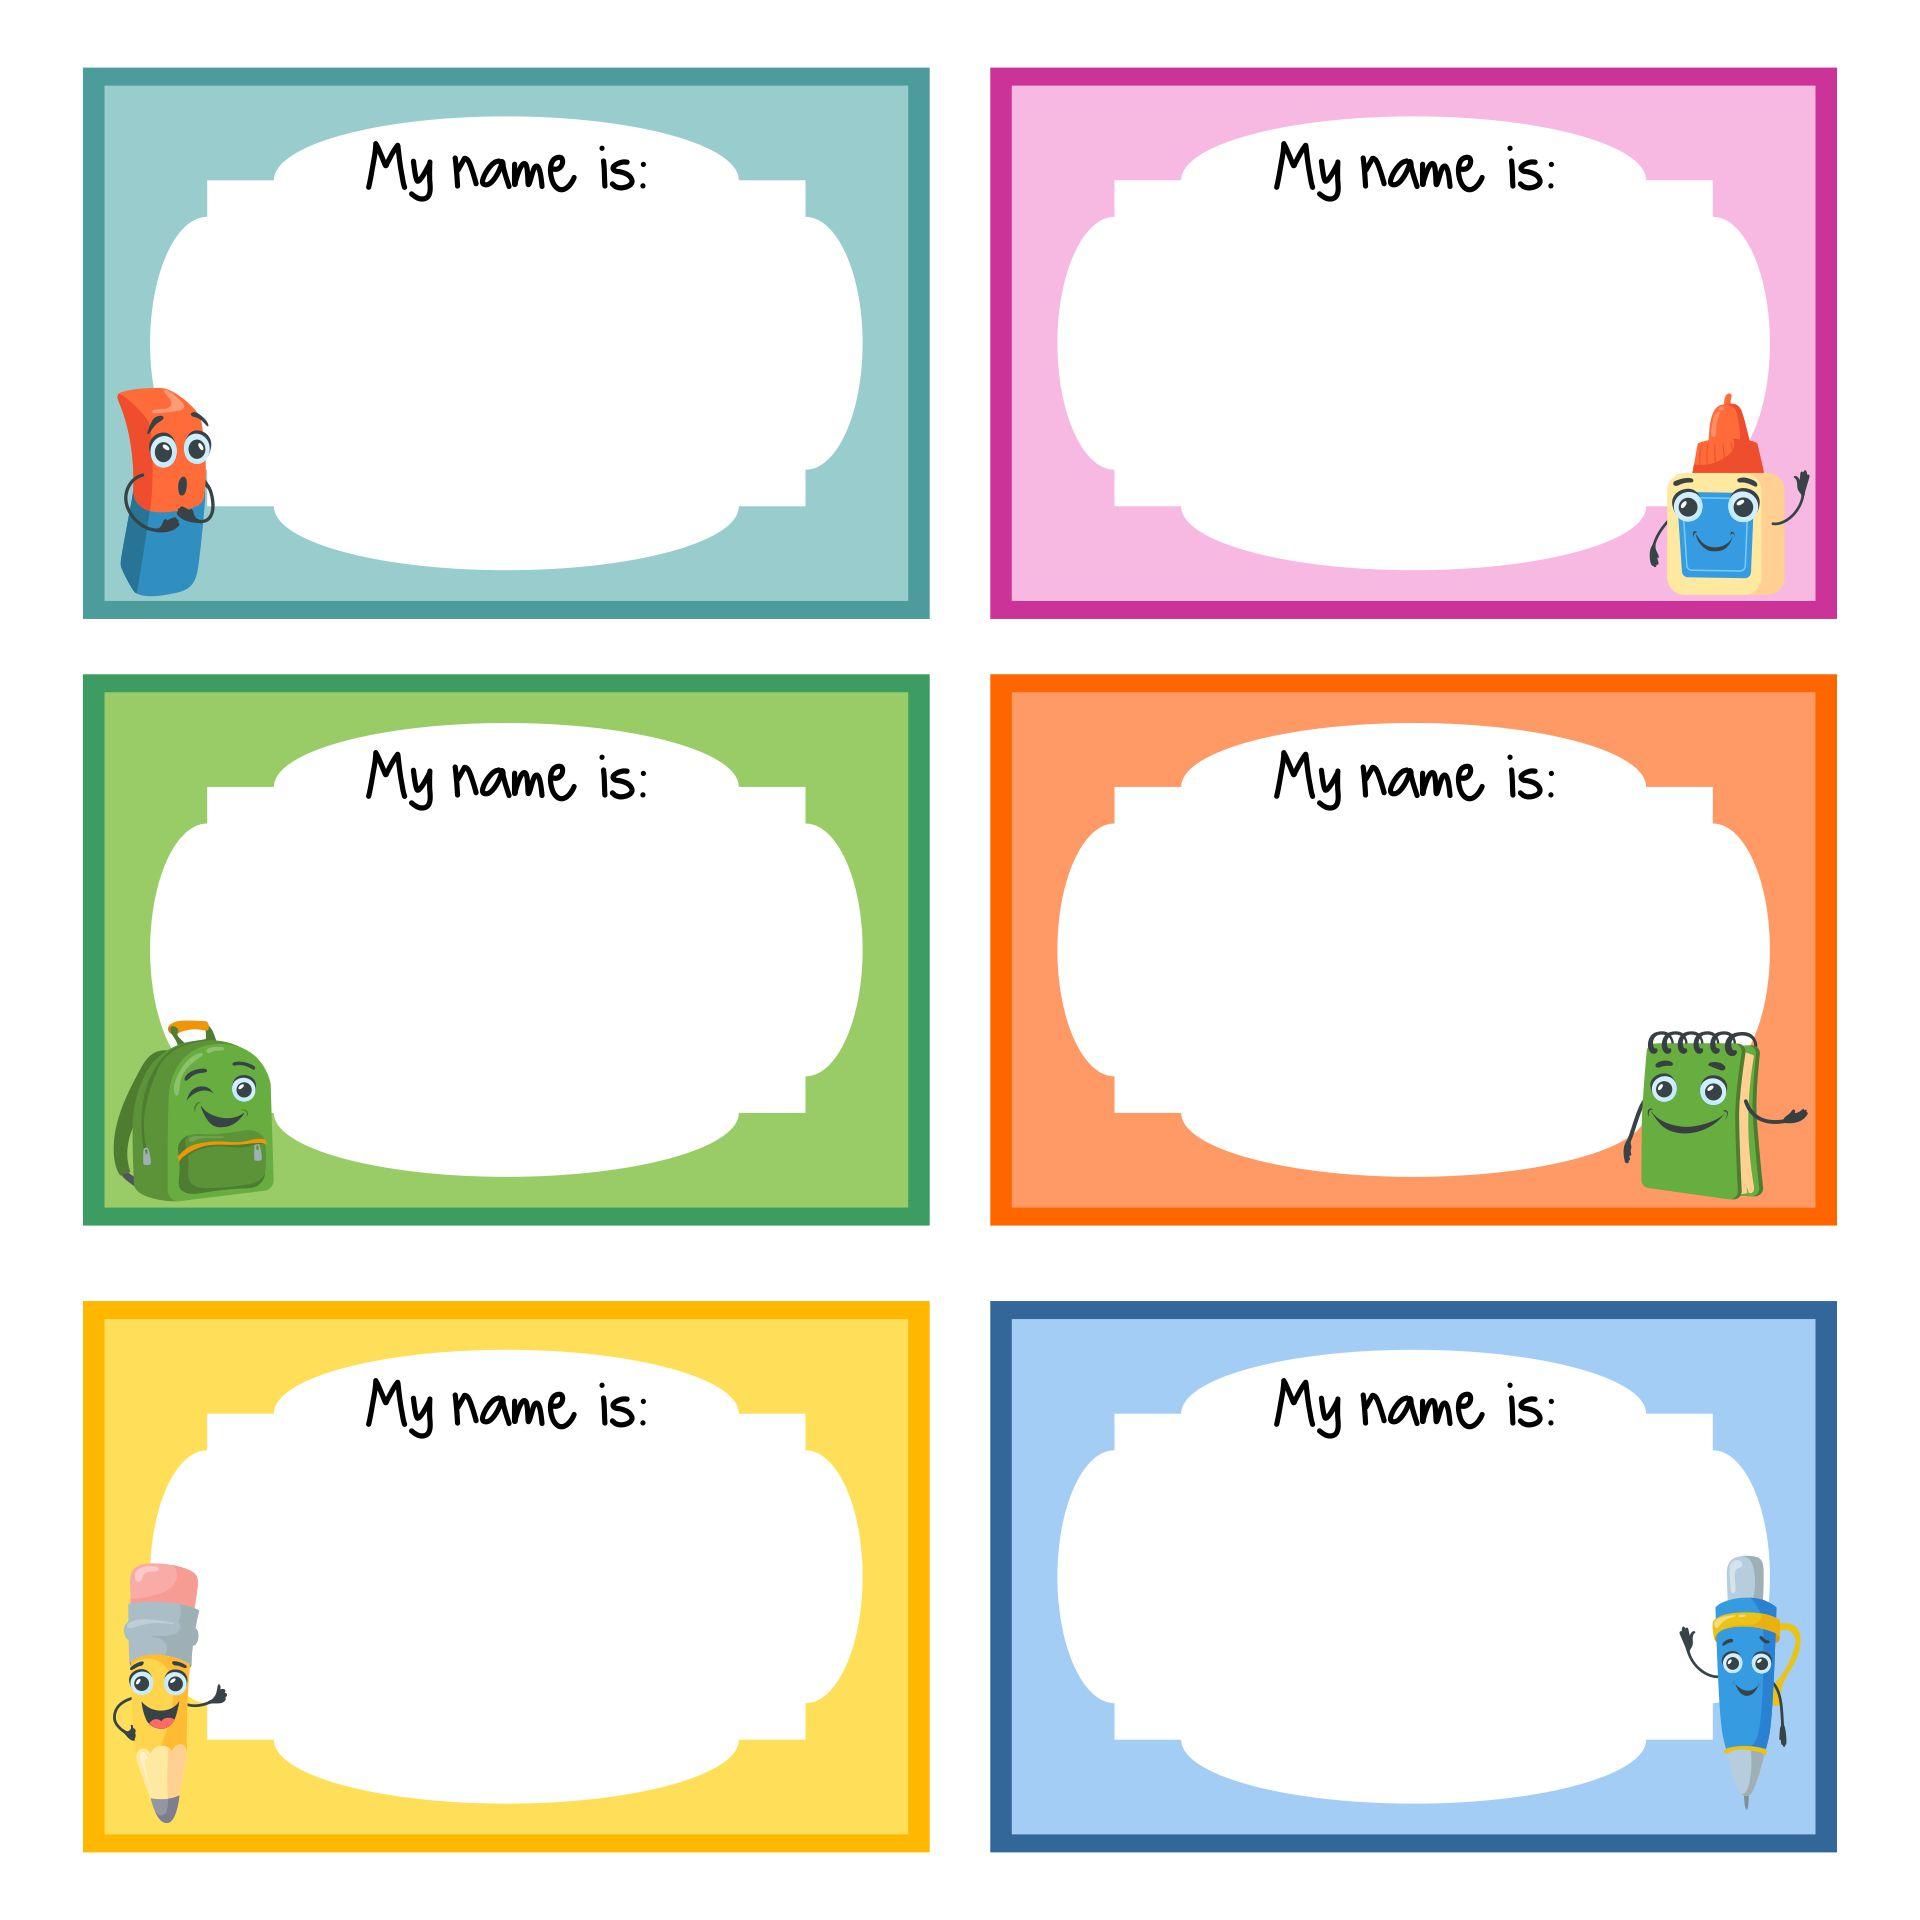 Name Tag Templates Printable for Kids